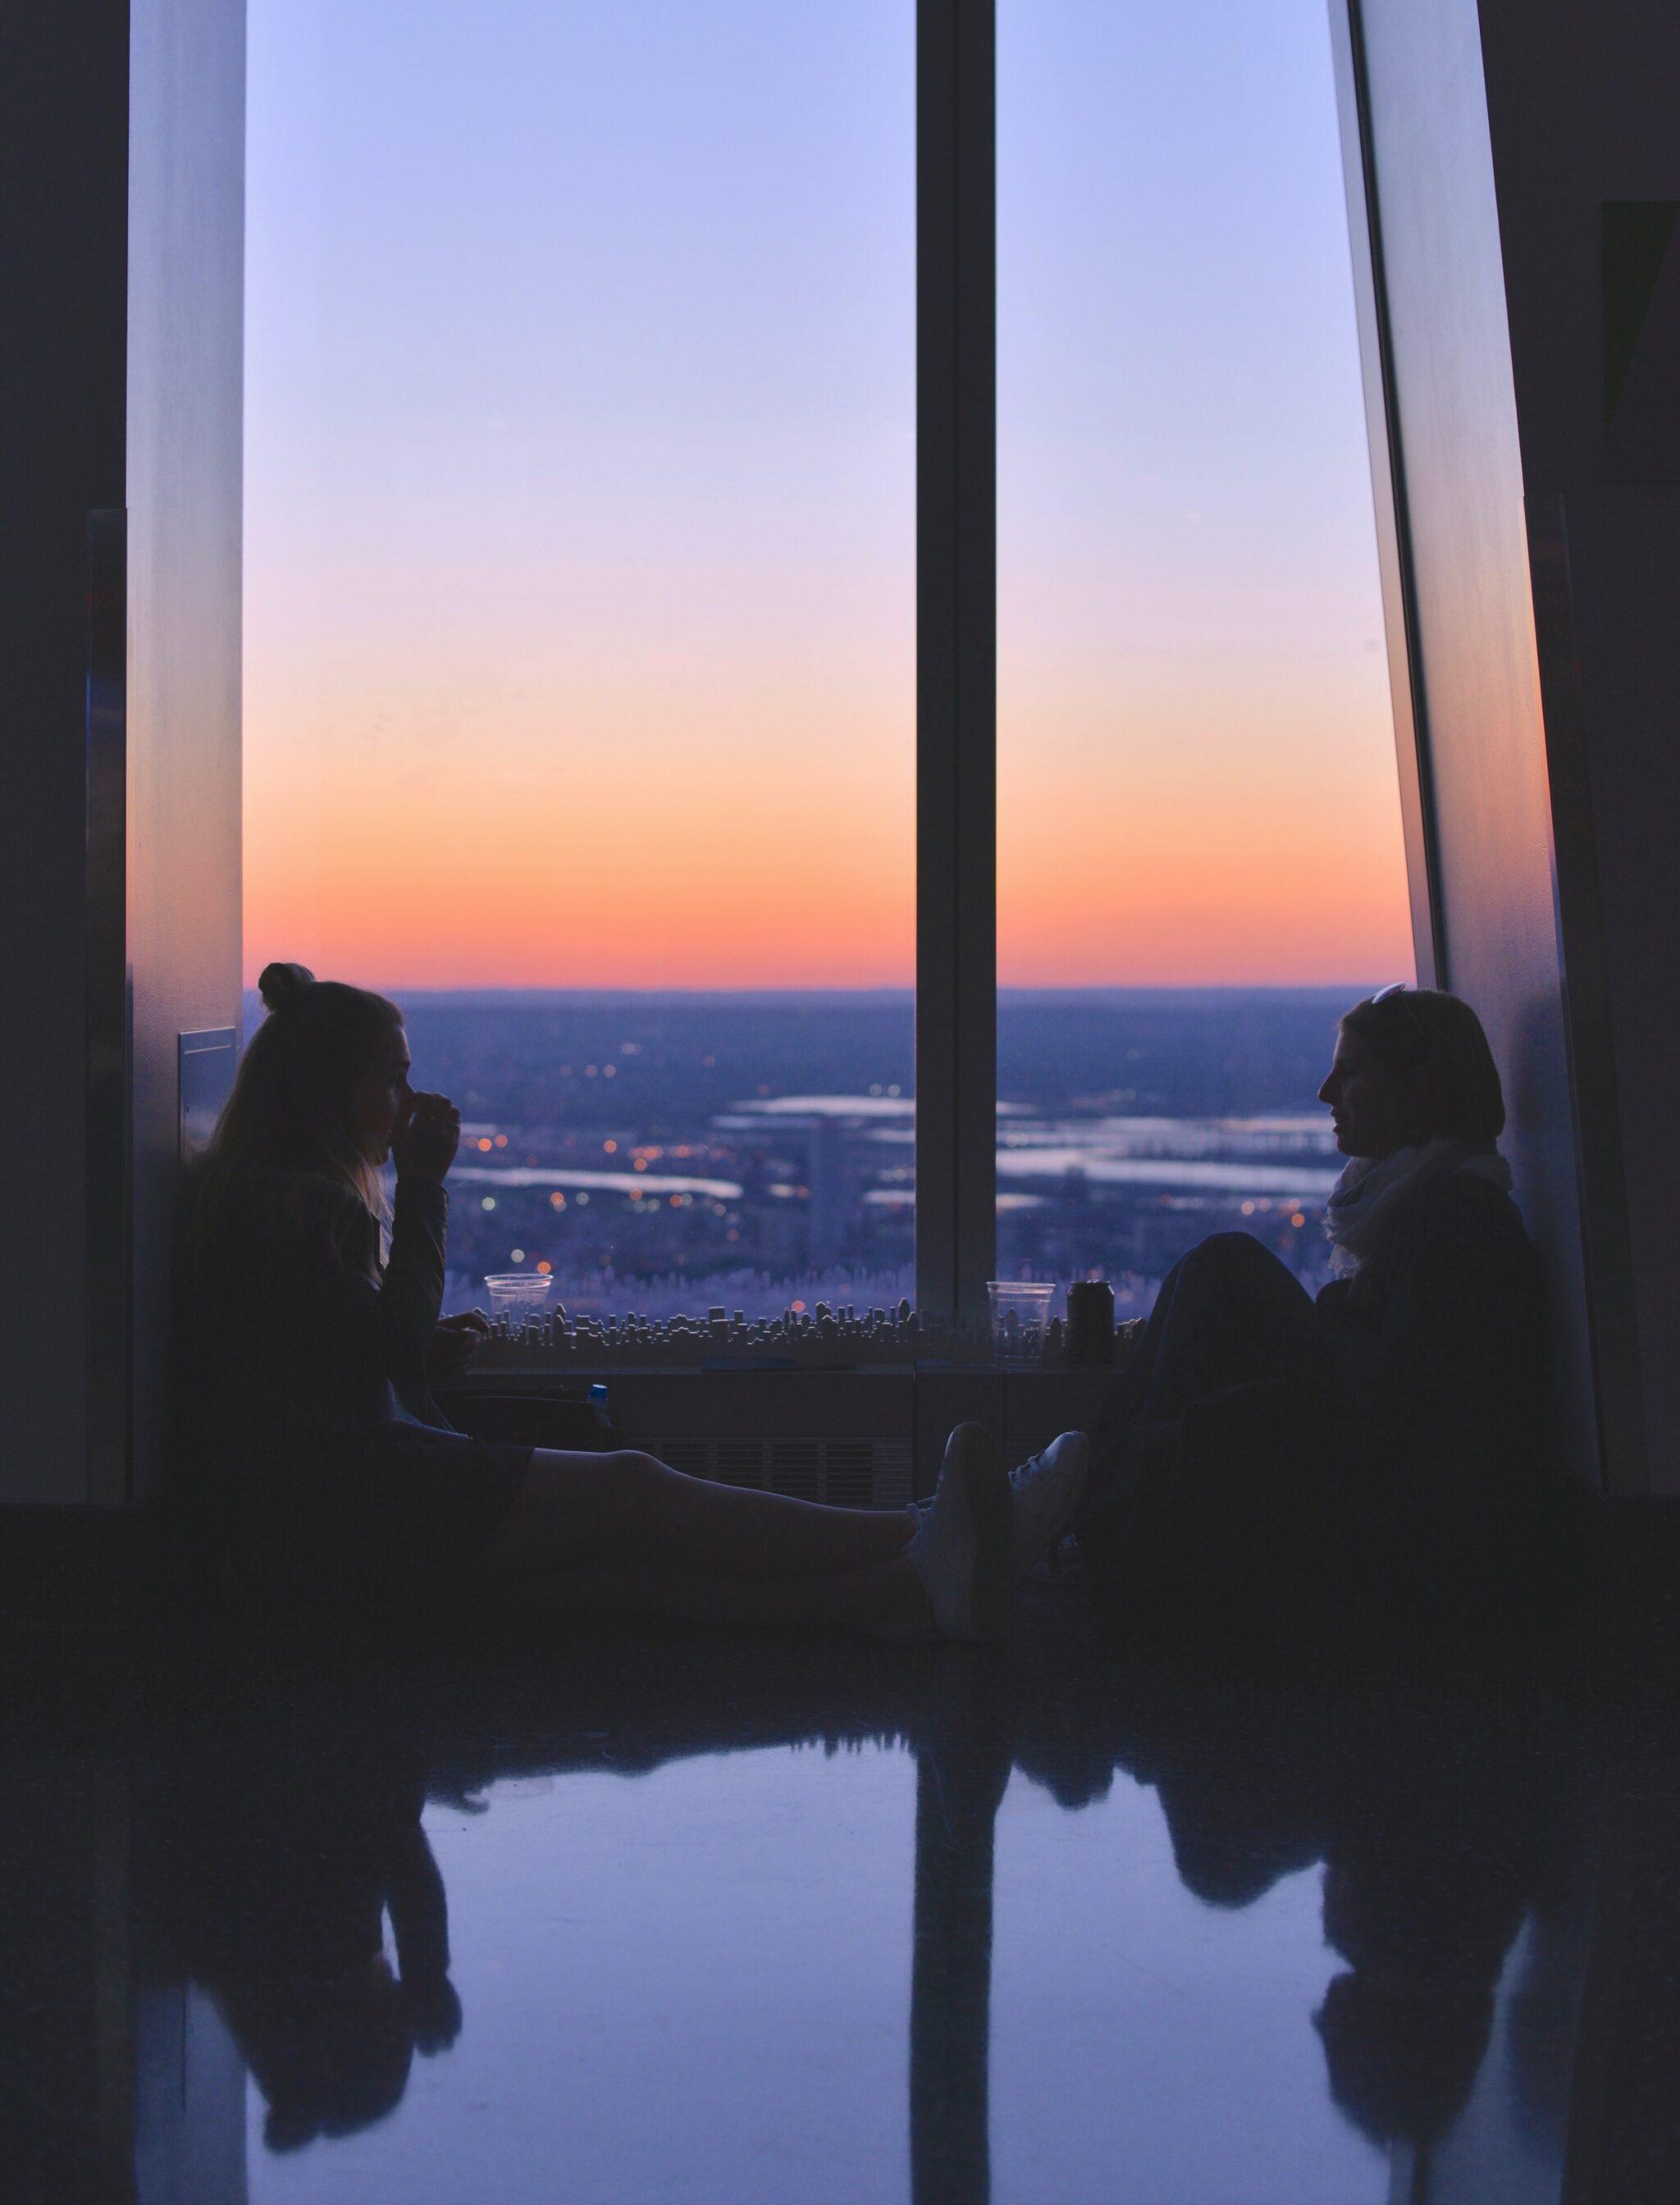 2 Frauen sitzen auf dem Boden vor einem Sonnenuntergang über einer Stadt